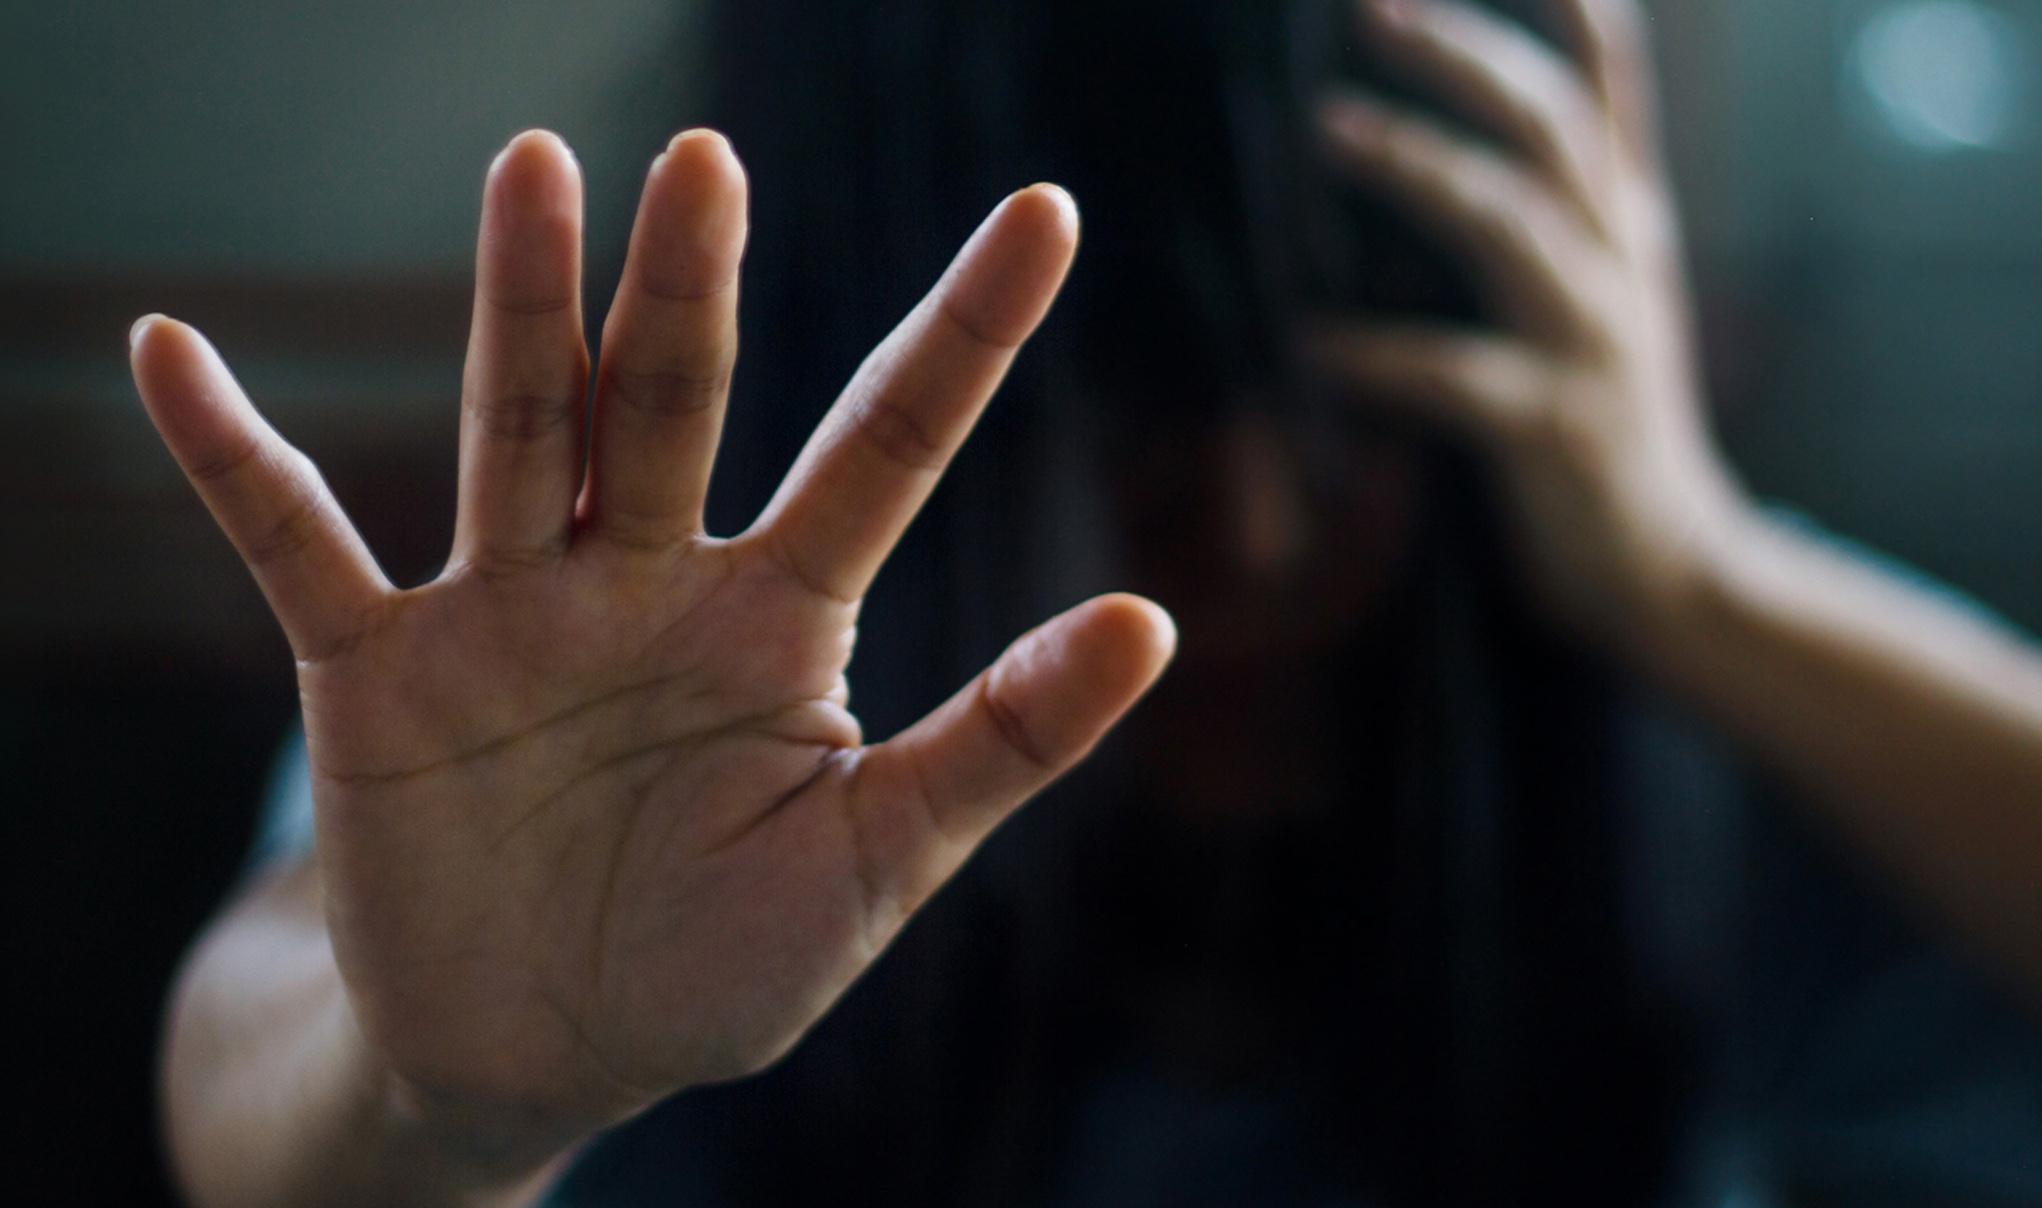 Zgwałcił 22-latkę. Zarzuty dla mieszkańca powiatu kolbuszowskiego  - Zdjęcie główne